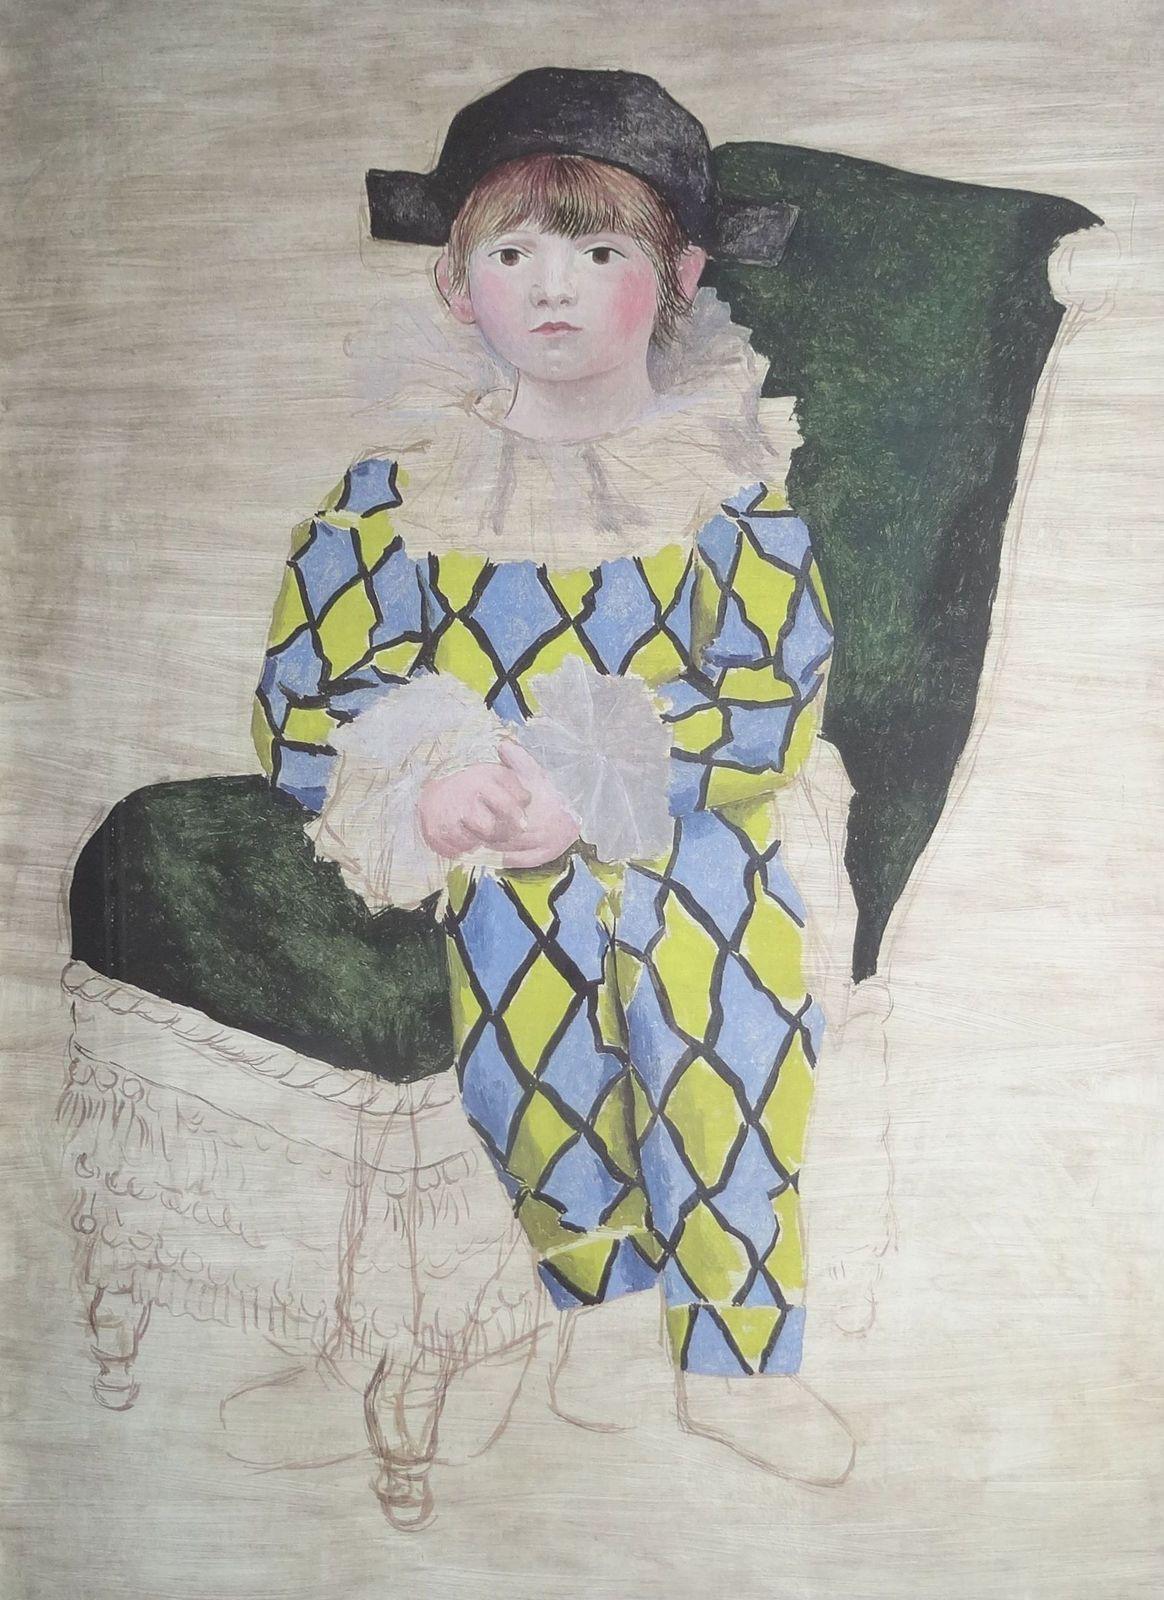 Paul als Harlekin. Succession Picasso paris 2014., 80x60 cm